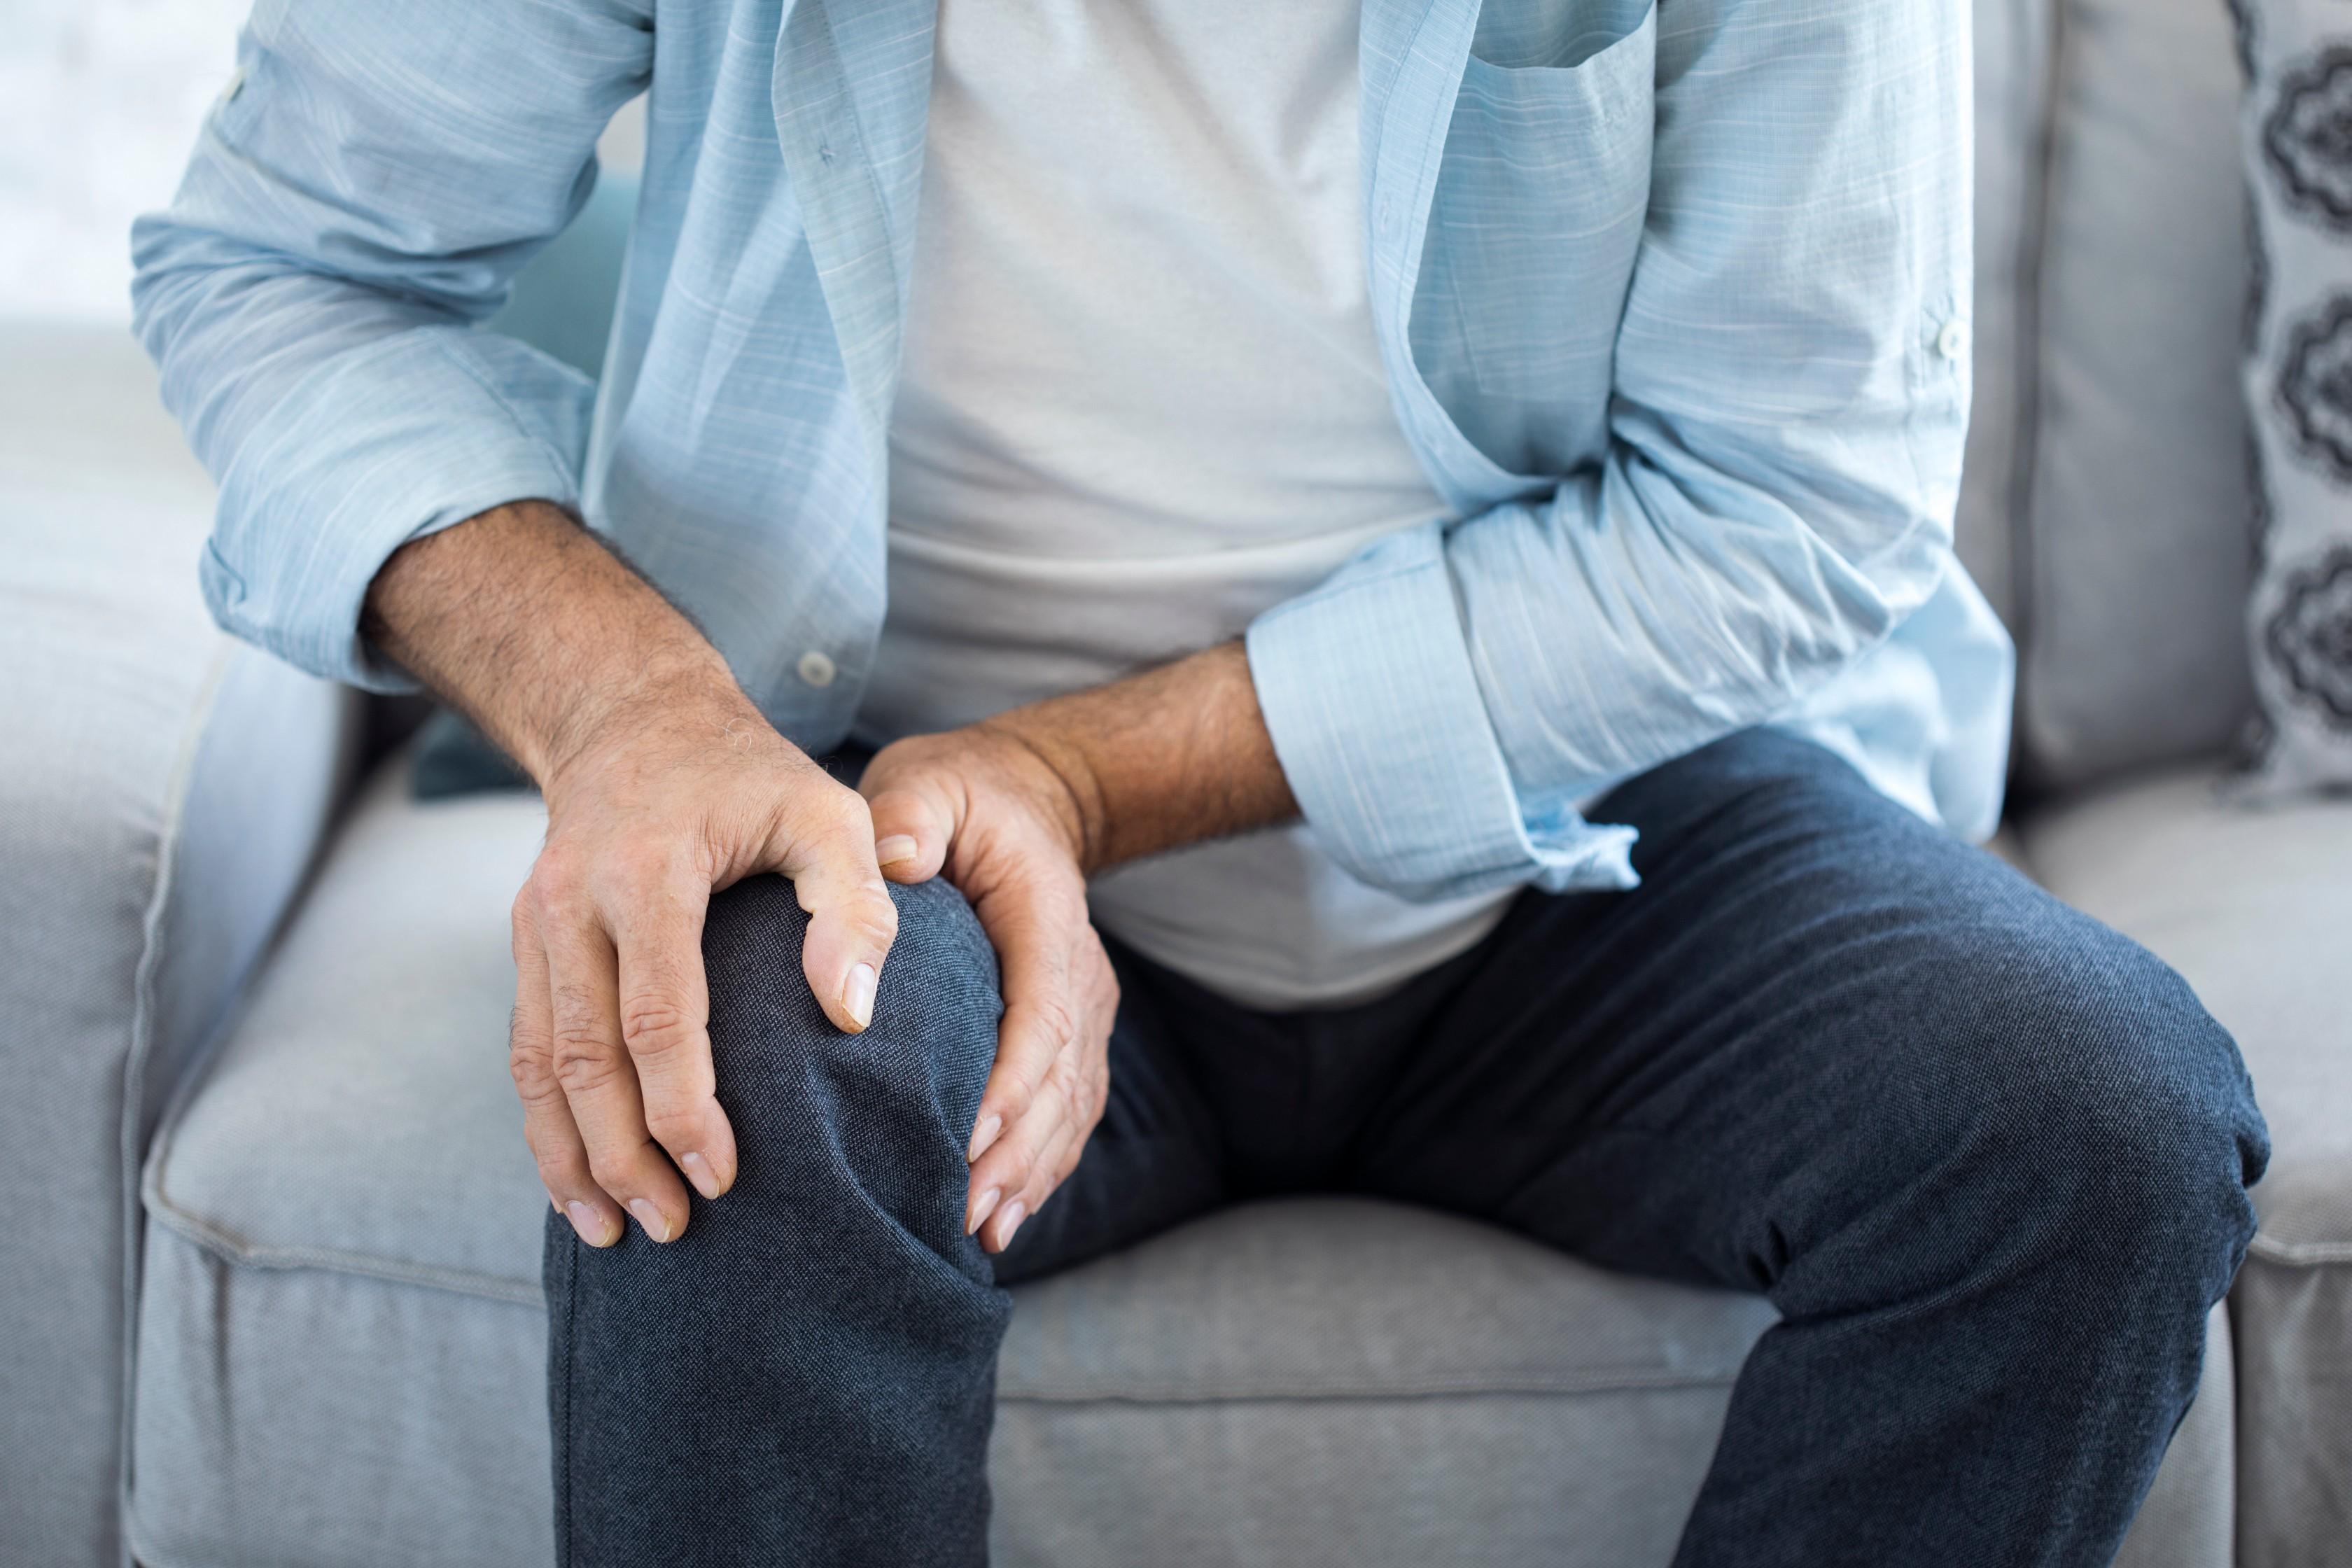 miért fájnak és repednek az ízületek ízületi fájdalom súlyos hipotermiával